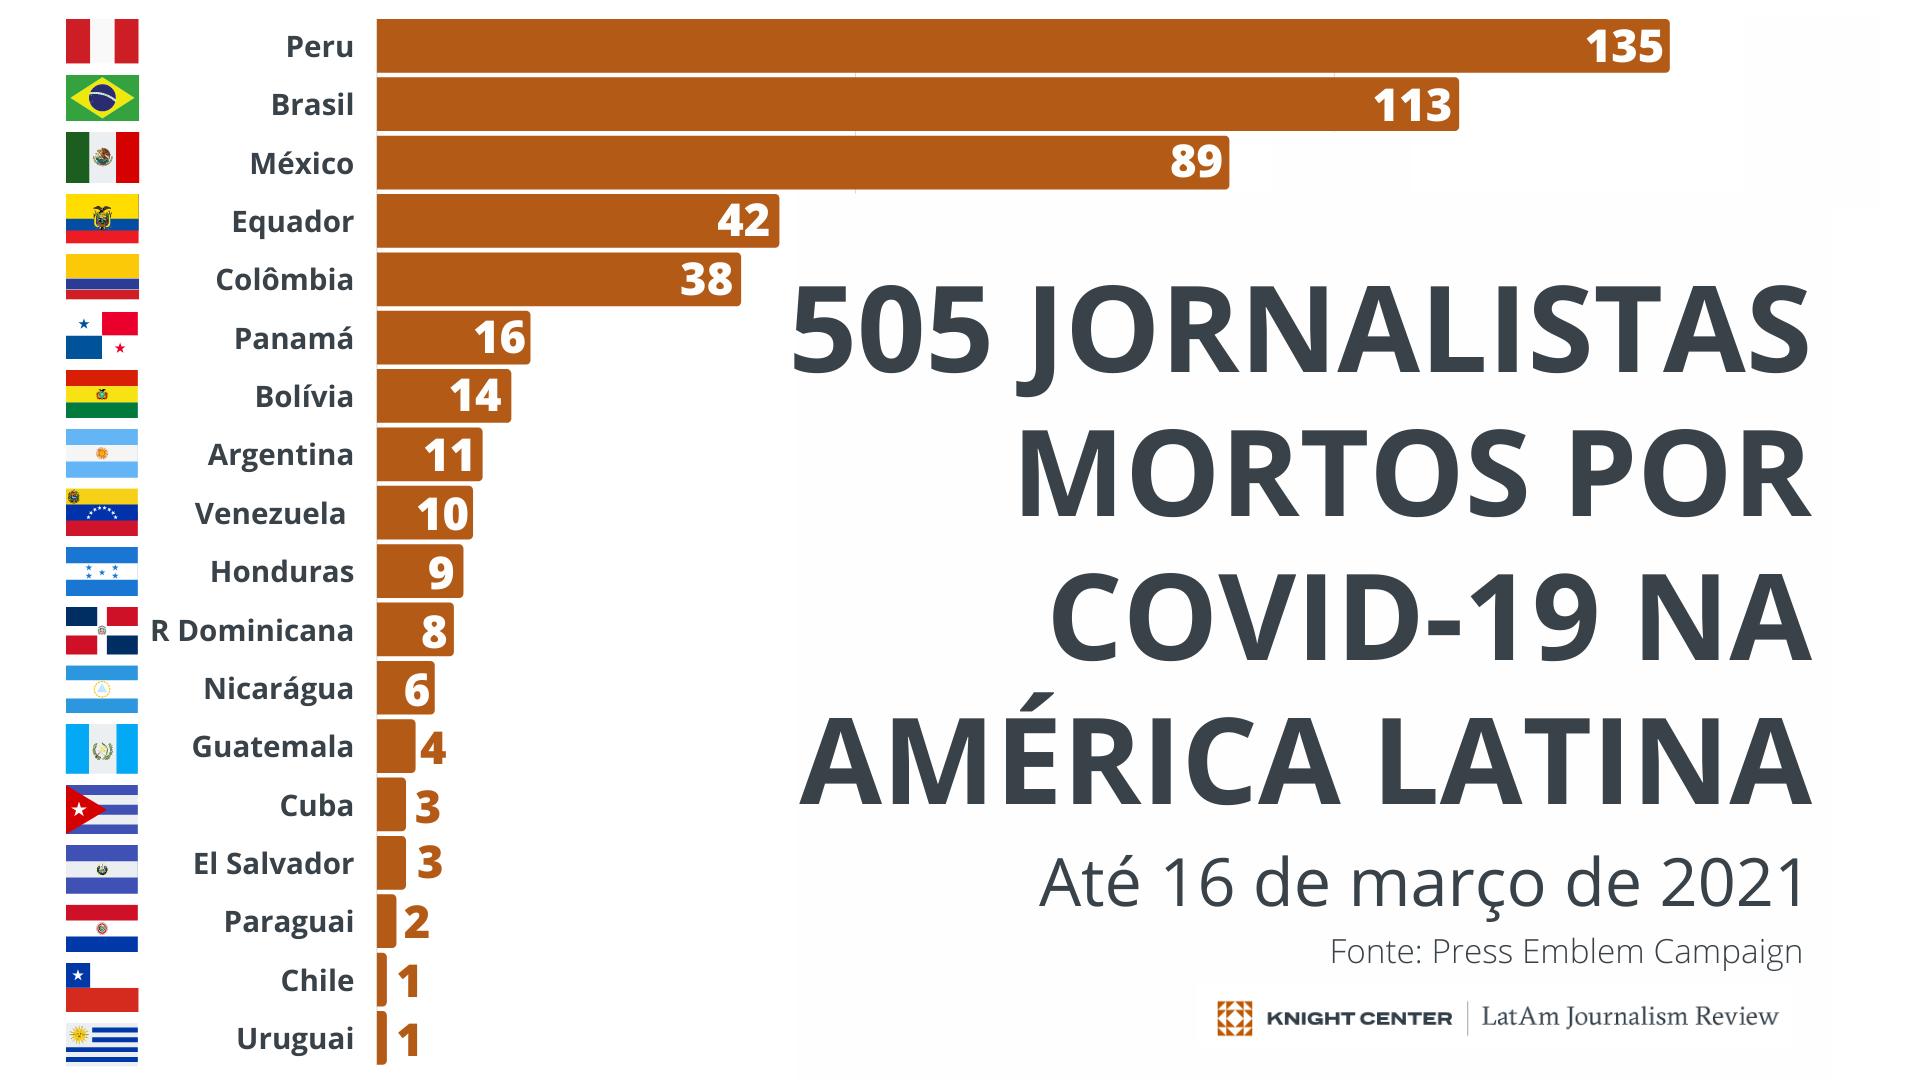 Mortes de Jornalistas por COVID-19 na LatAm